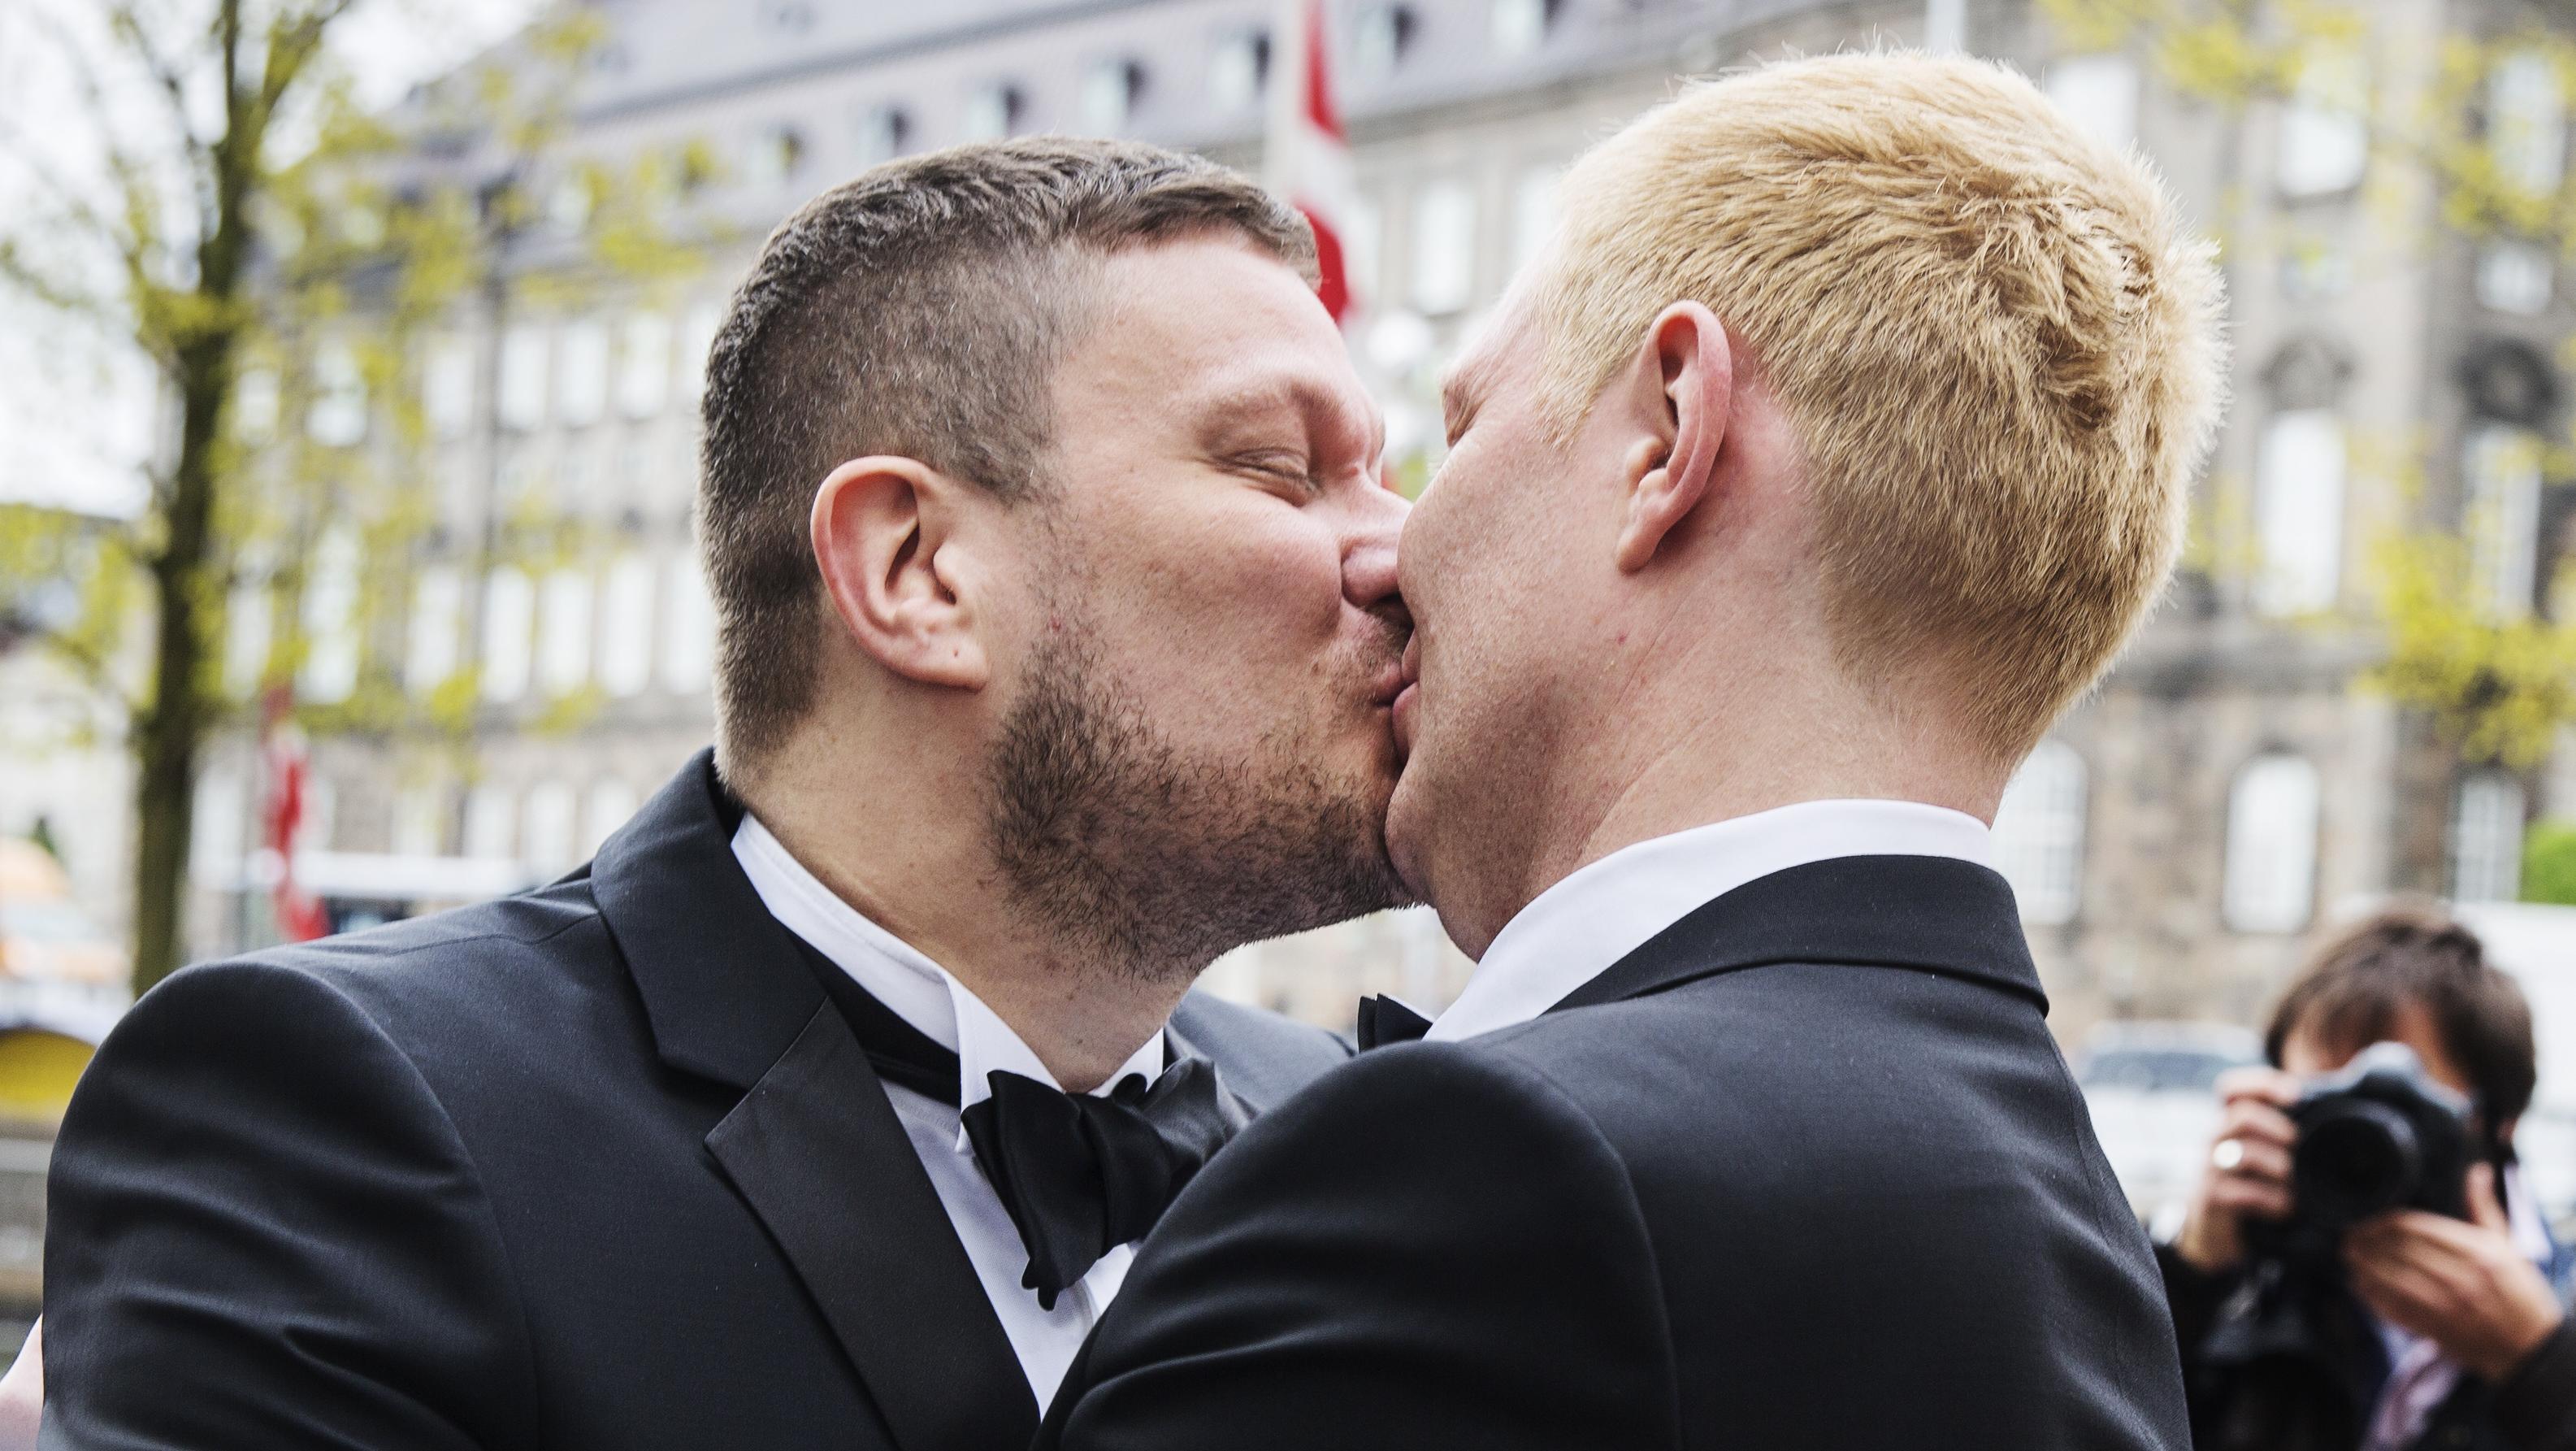 Unge Homoseksuelle I Danmark